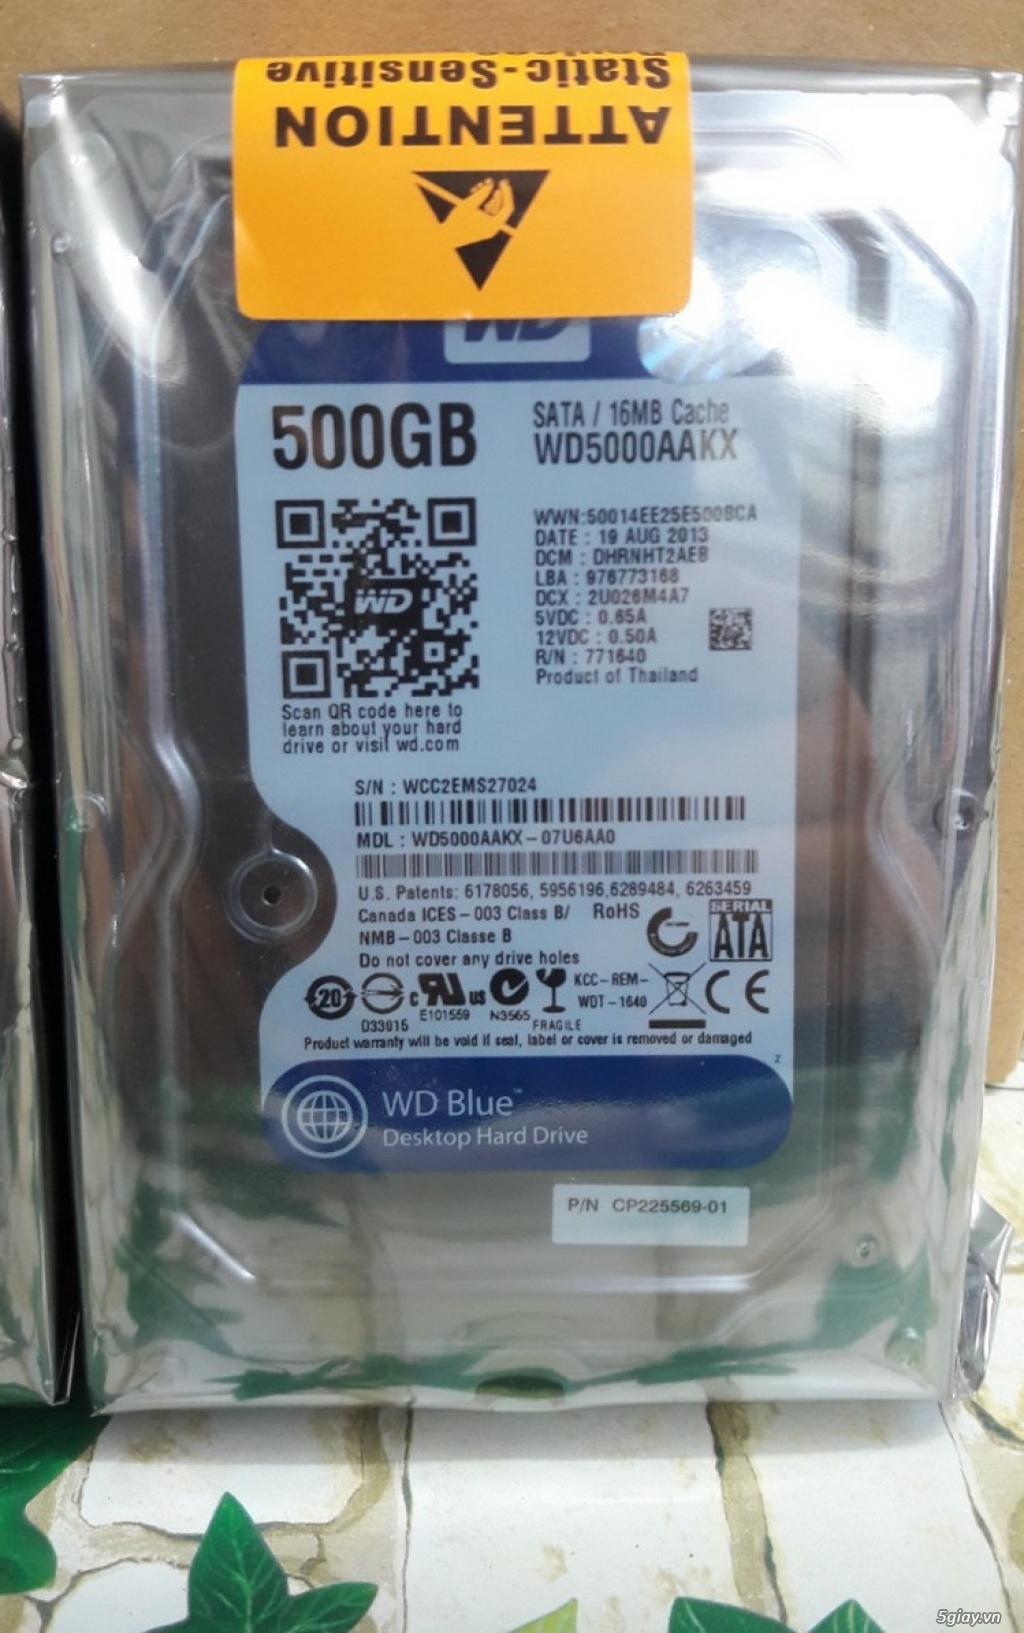 [Vi tính enter] Chuyên hdd, ssd , ổ cứng di động 500gb, 1T, 2T, 4T... - 17